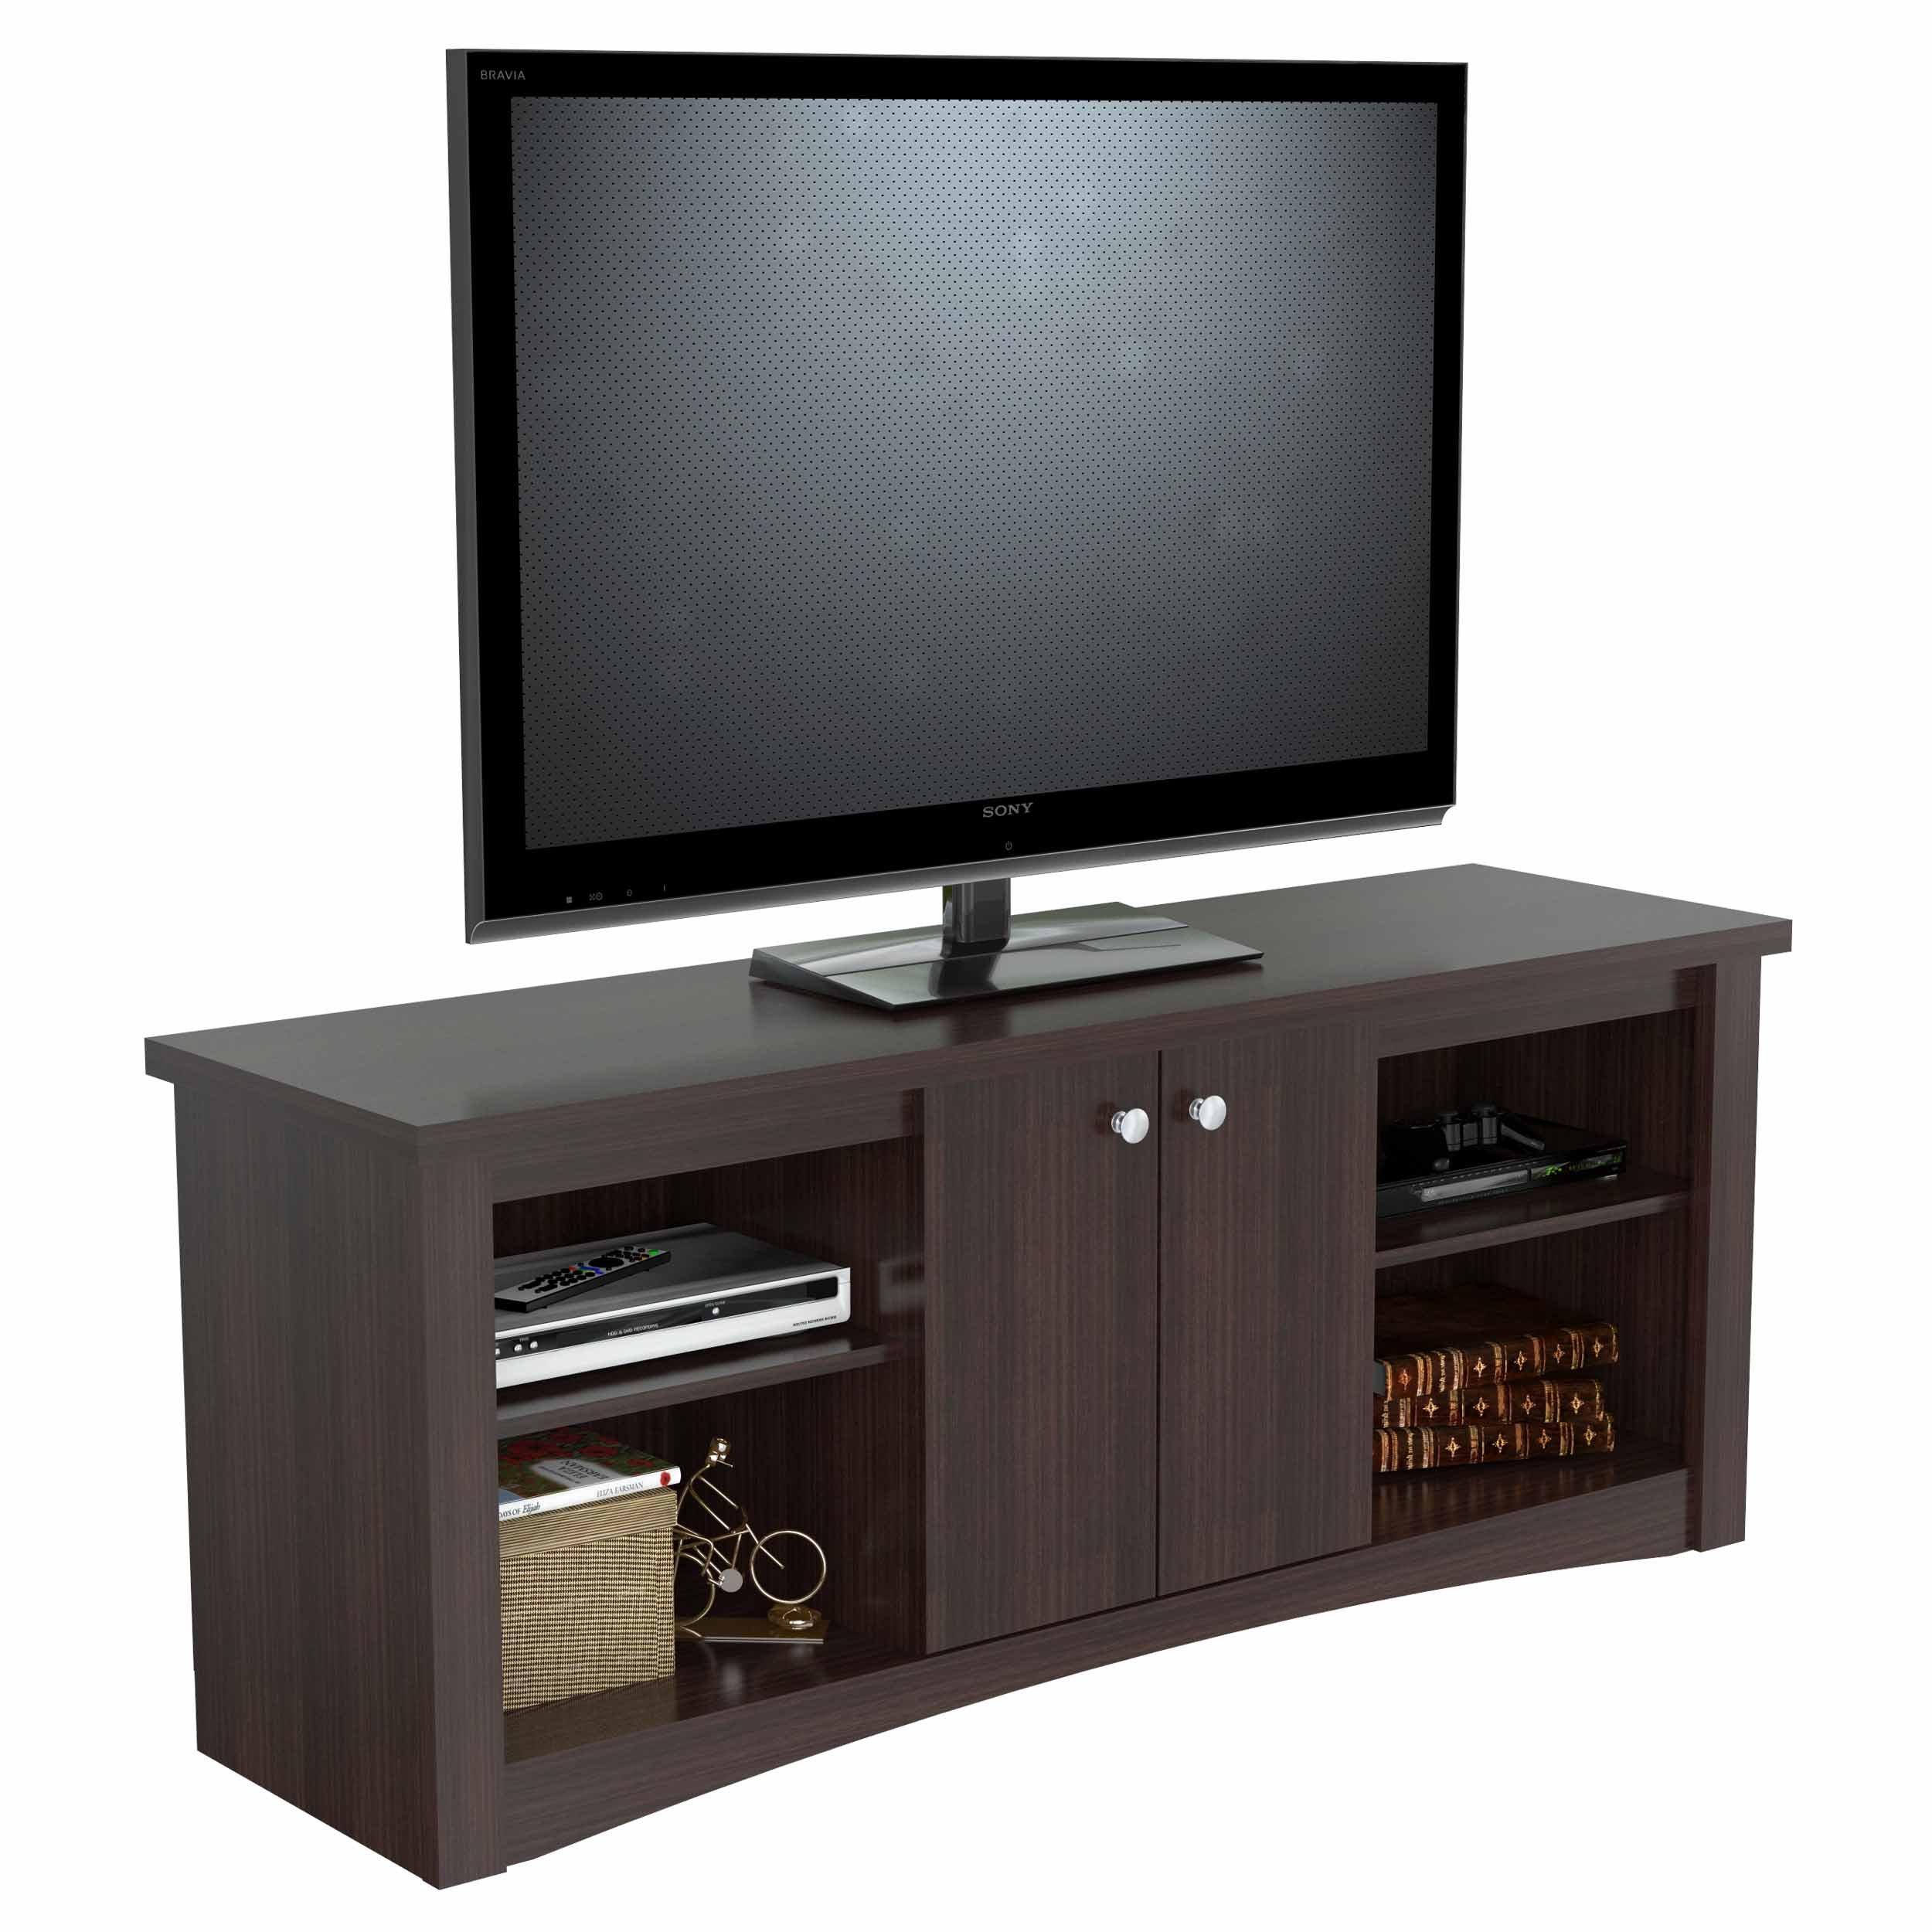 Inval America MTV-13819 Espresso TV Stand